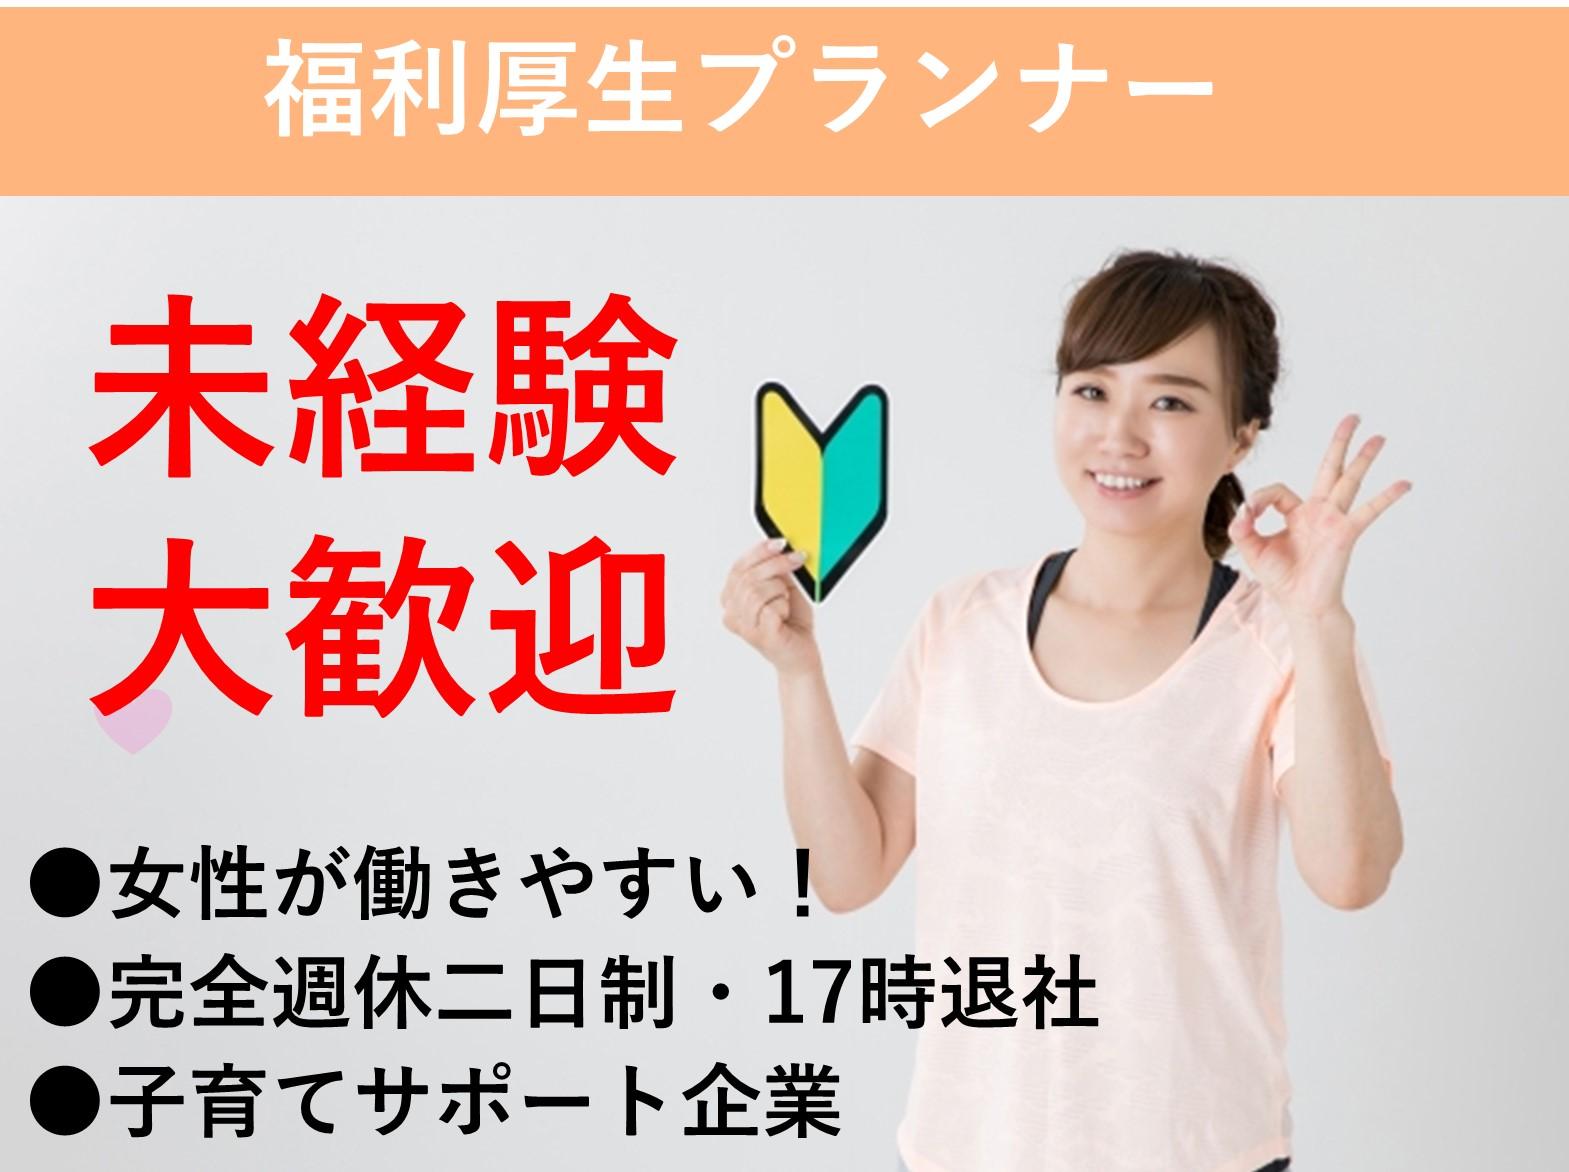 急募【名古屋市千種区】働くママを応援★家庭と両立◎福利厚生プランナー イメージ